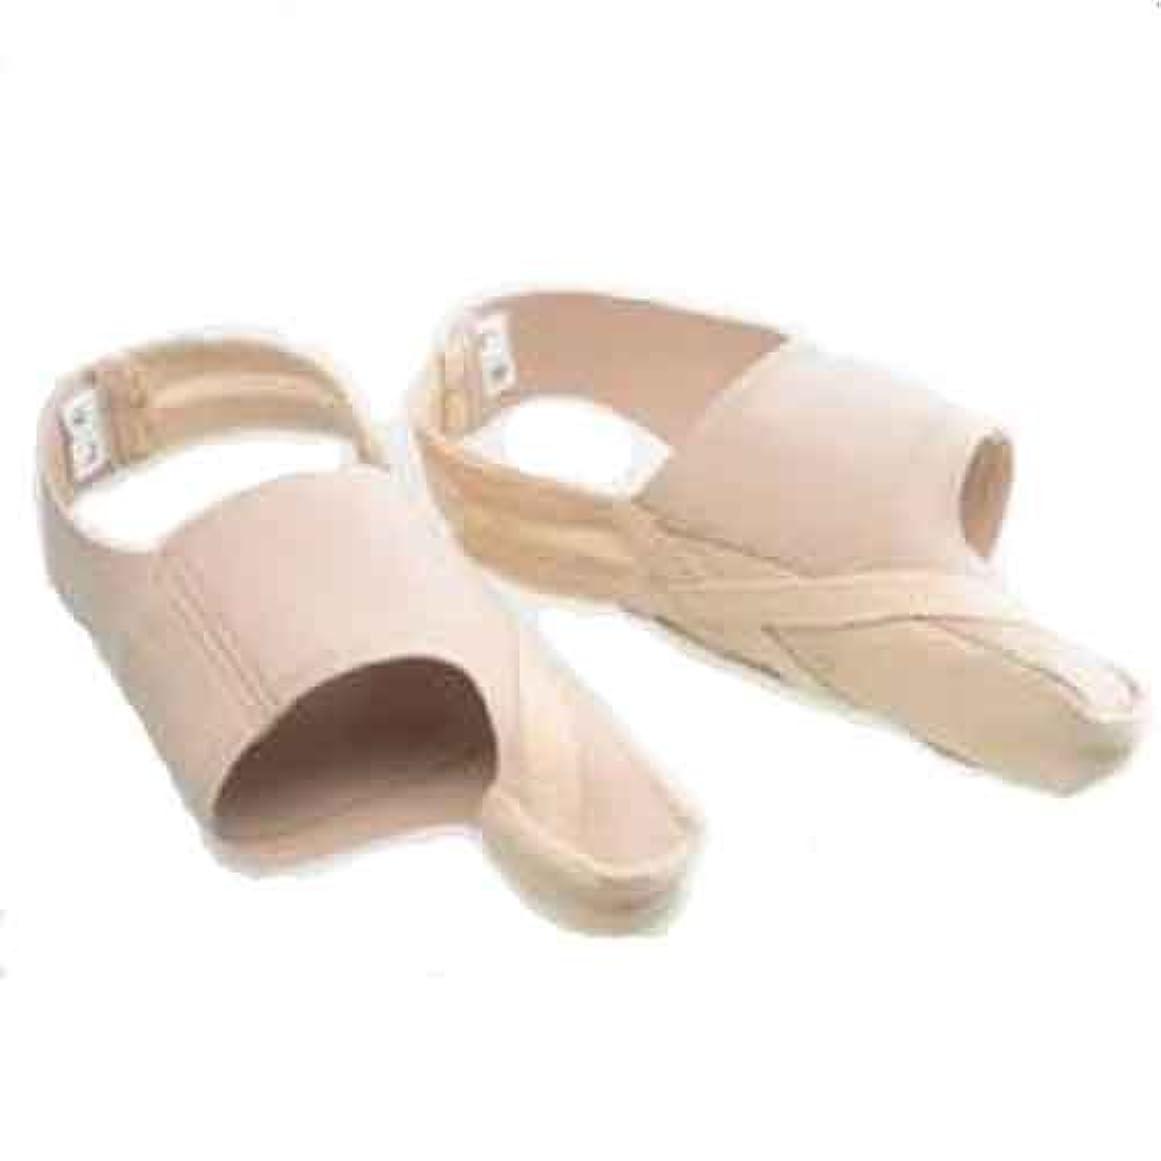 取り替える醜い唯一外反母趾サポーター 【靴も履けるんデス 2足組 Mサイズ】